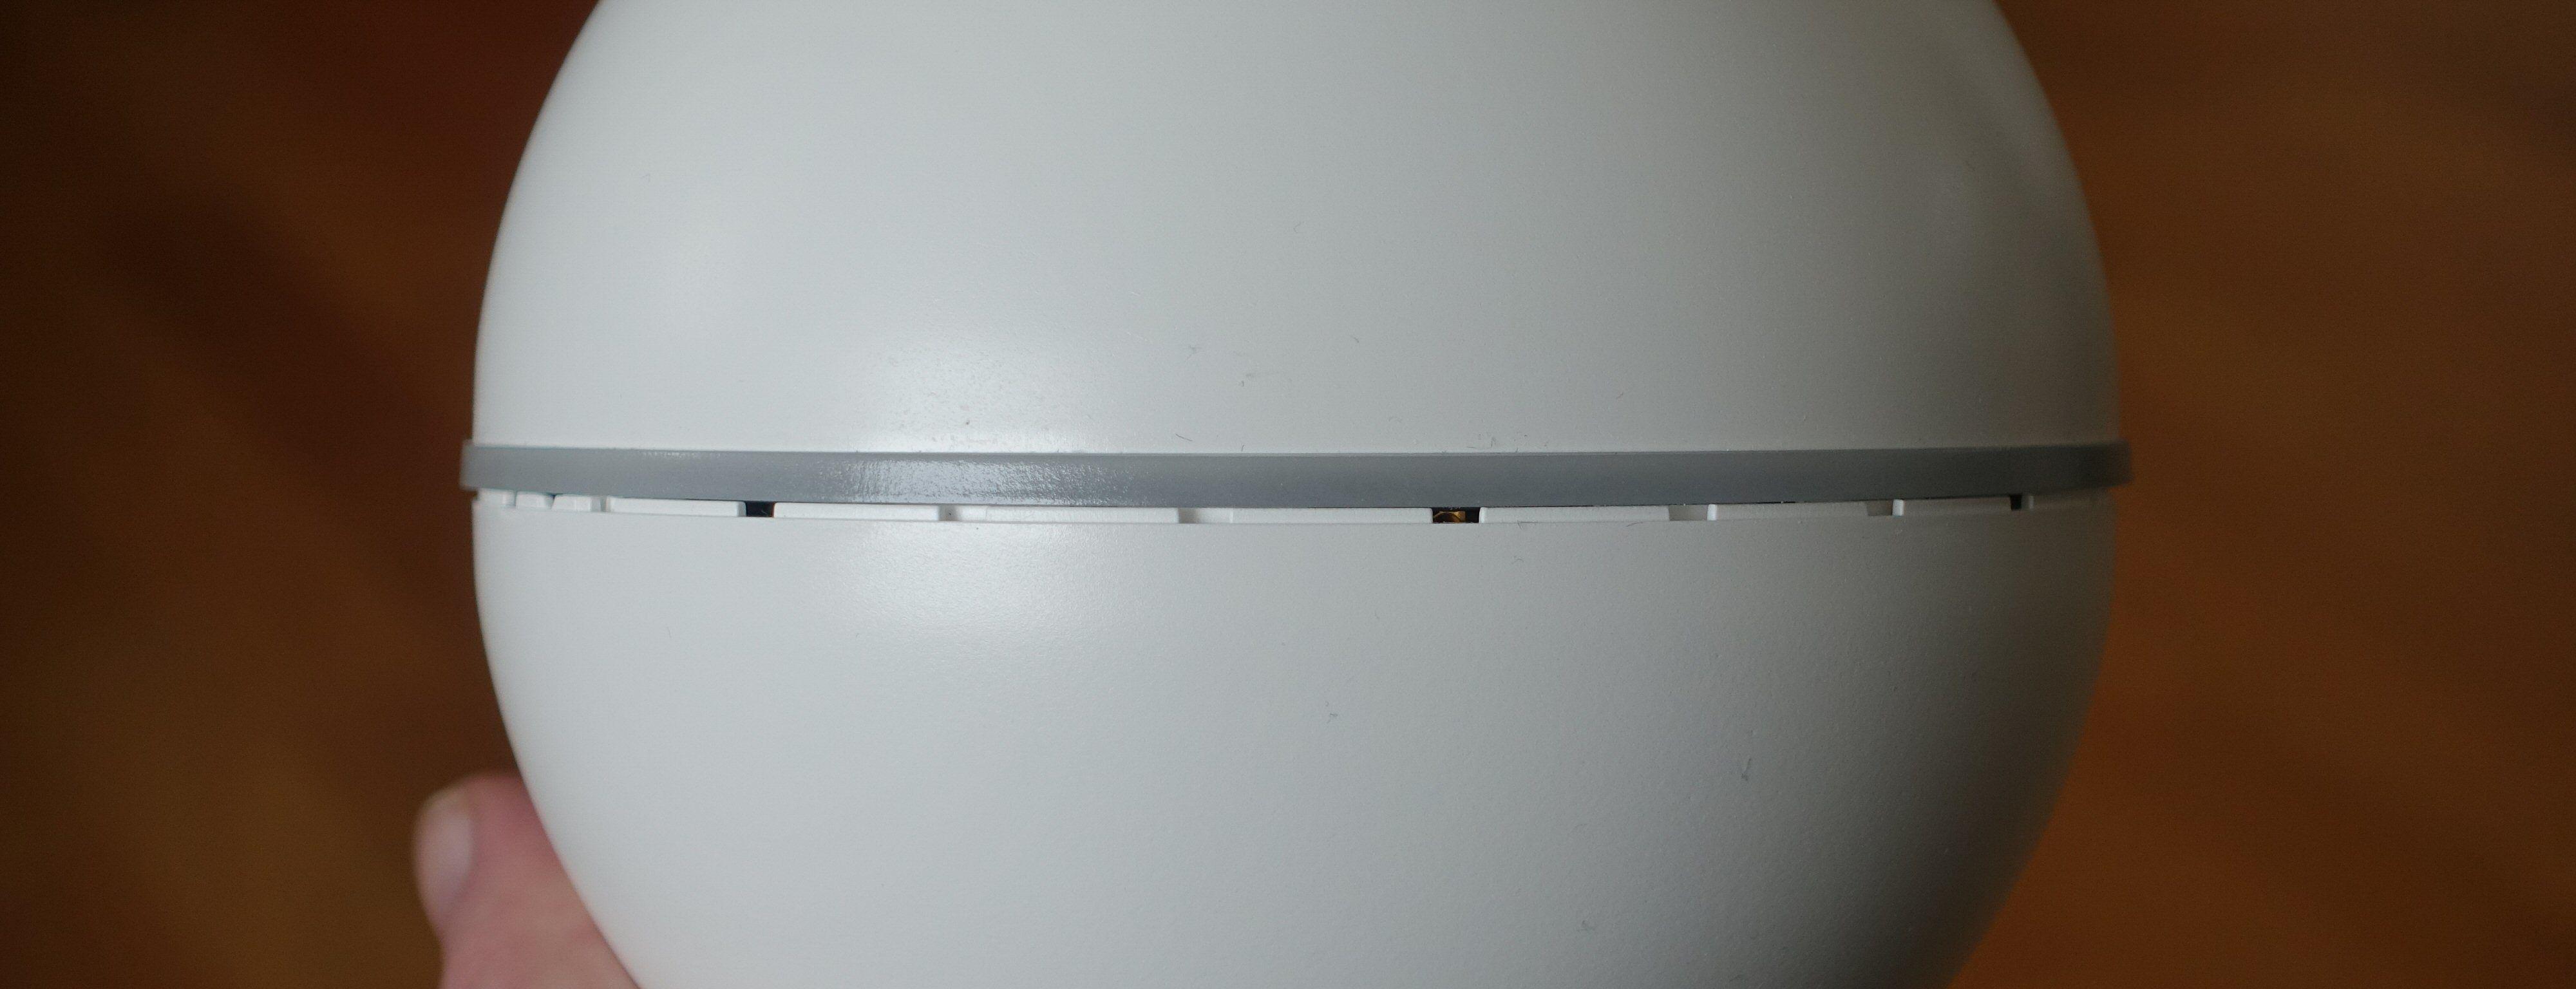 Rett under LED-ringen ser vi også hullene som sørger for god spredning på IR-signalene.